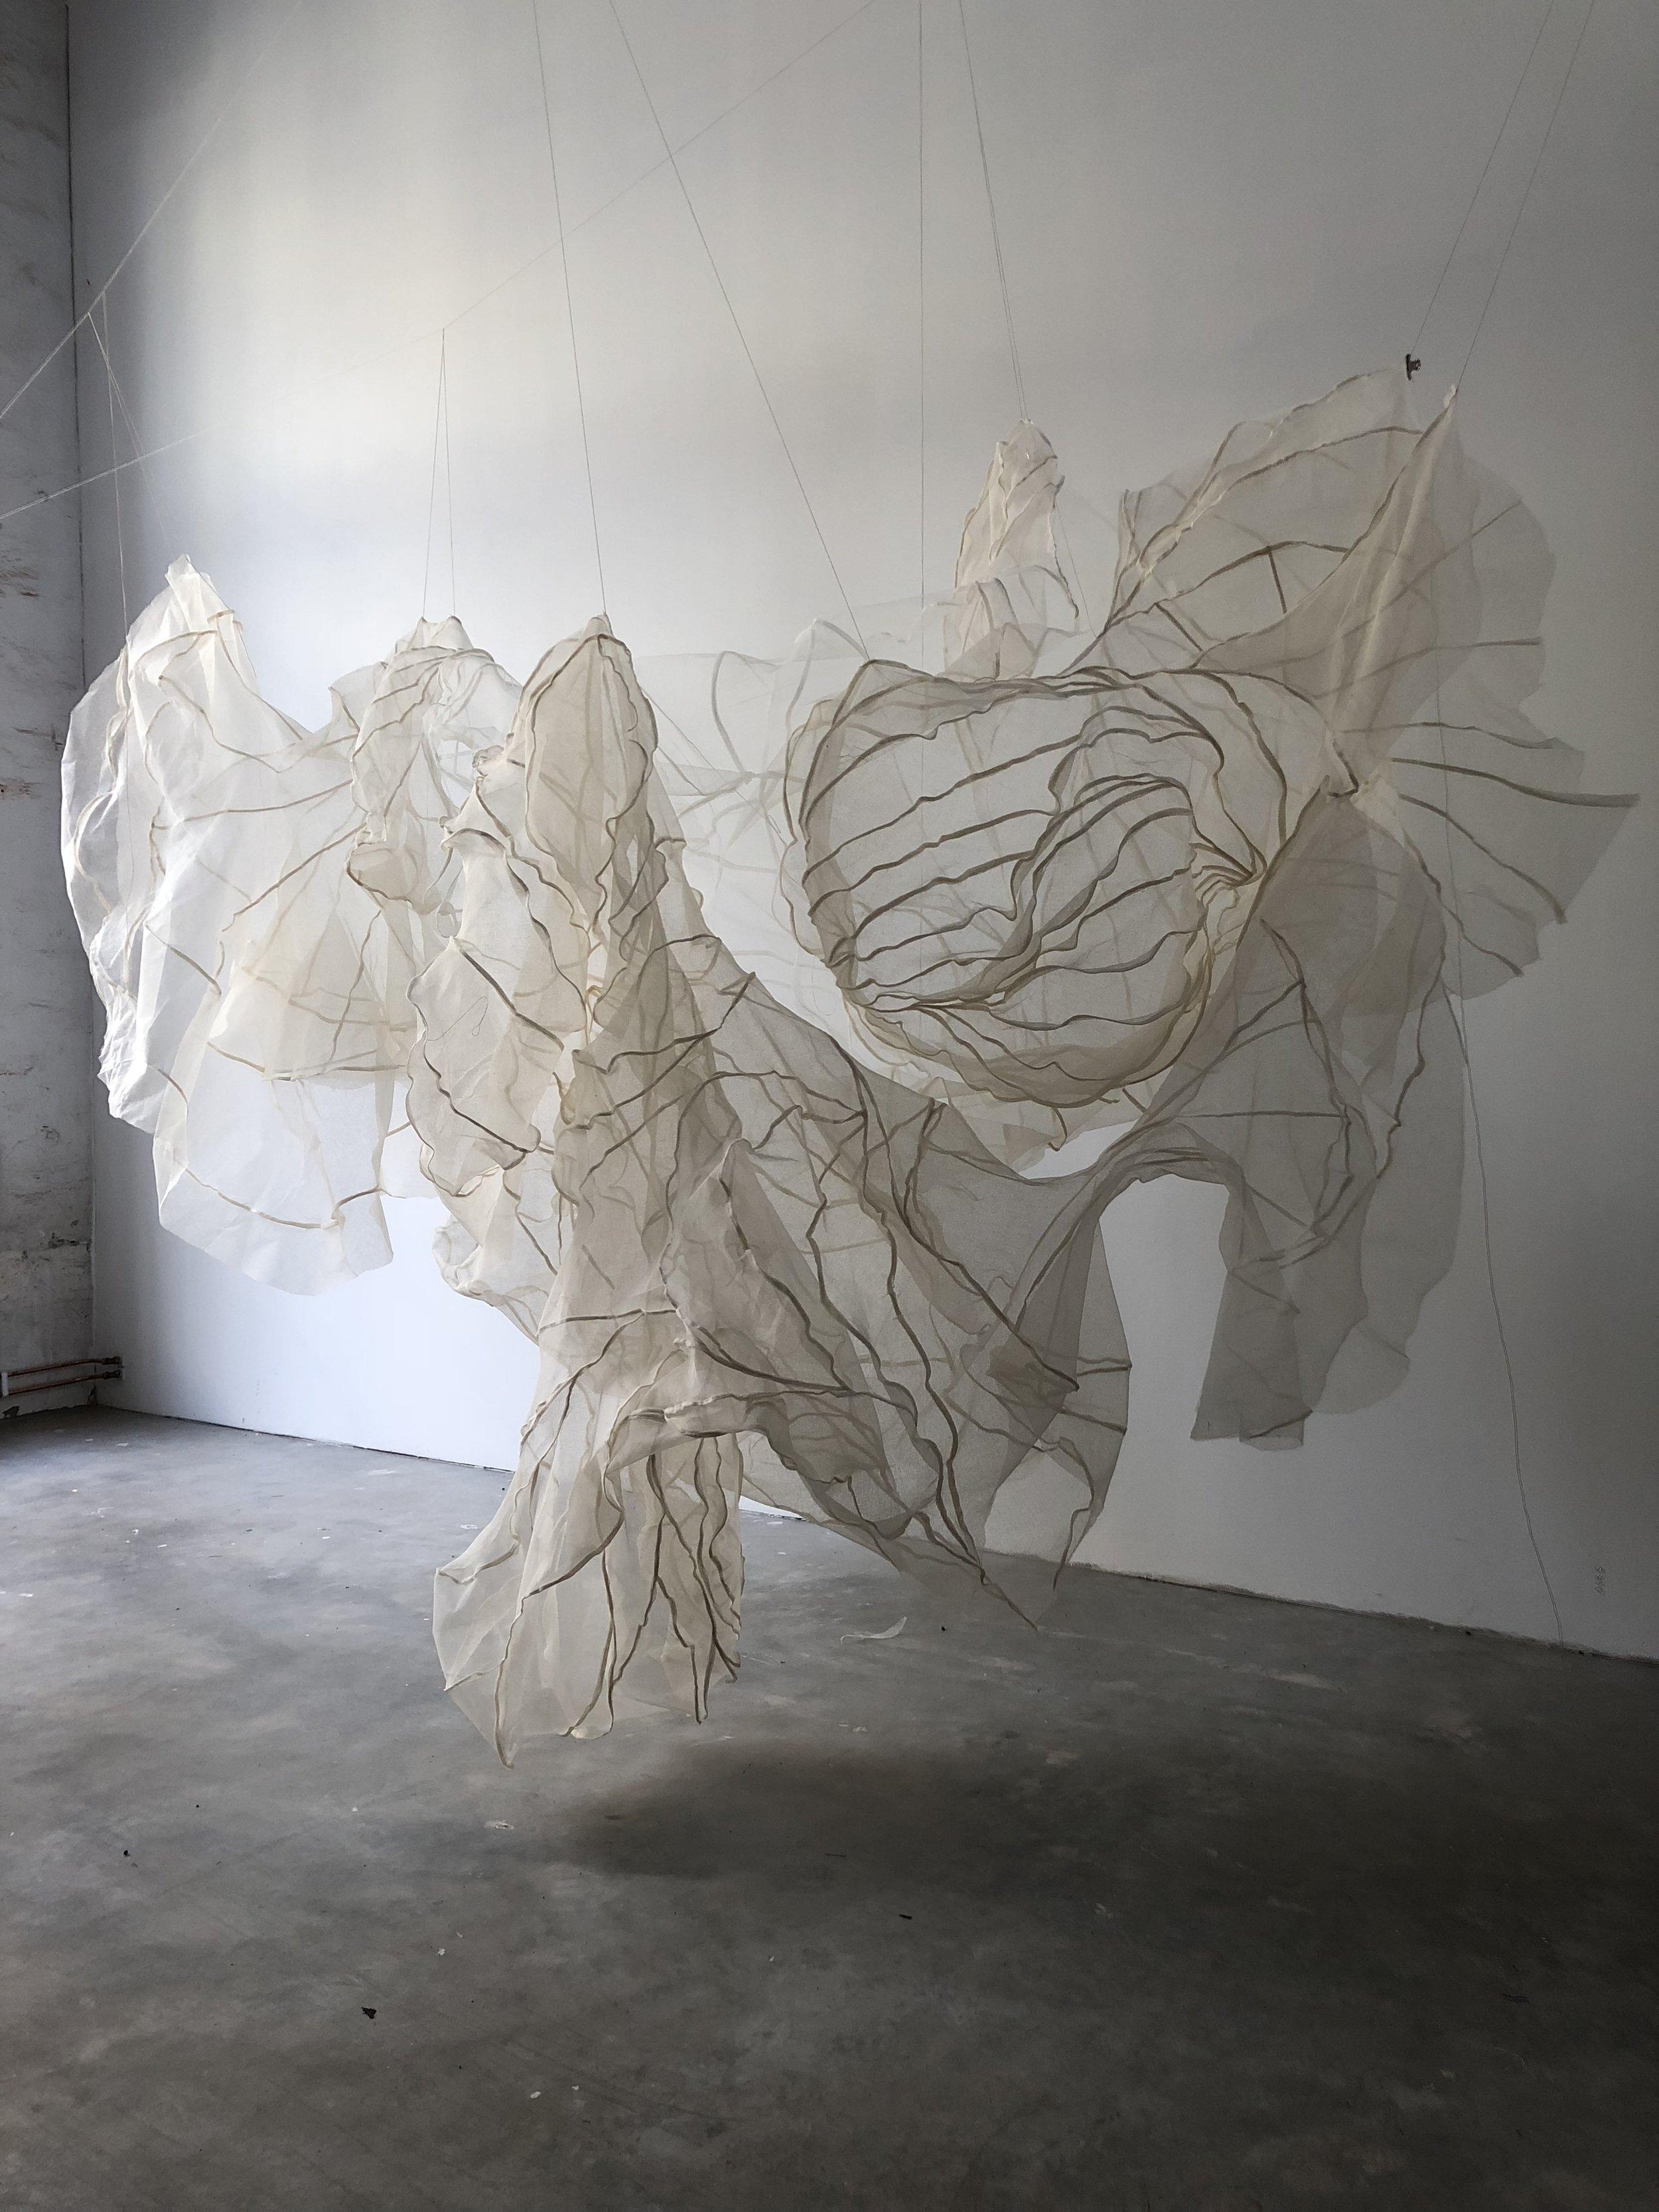 Textile sculpture 2019, cotton gauze and wire